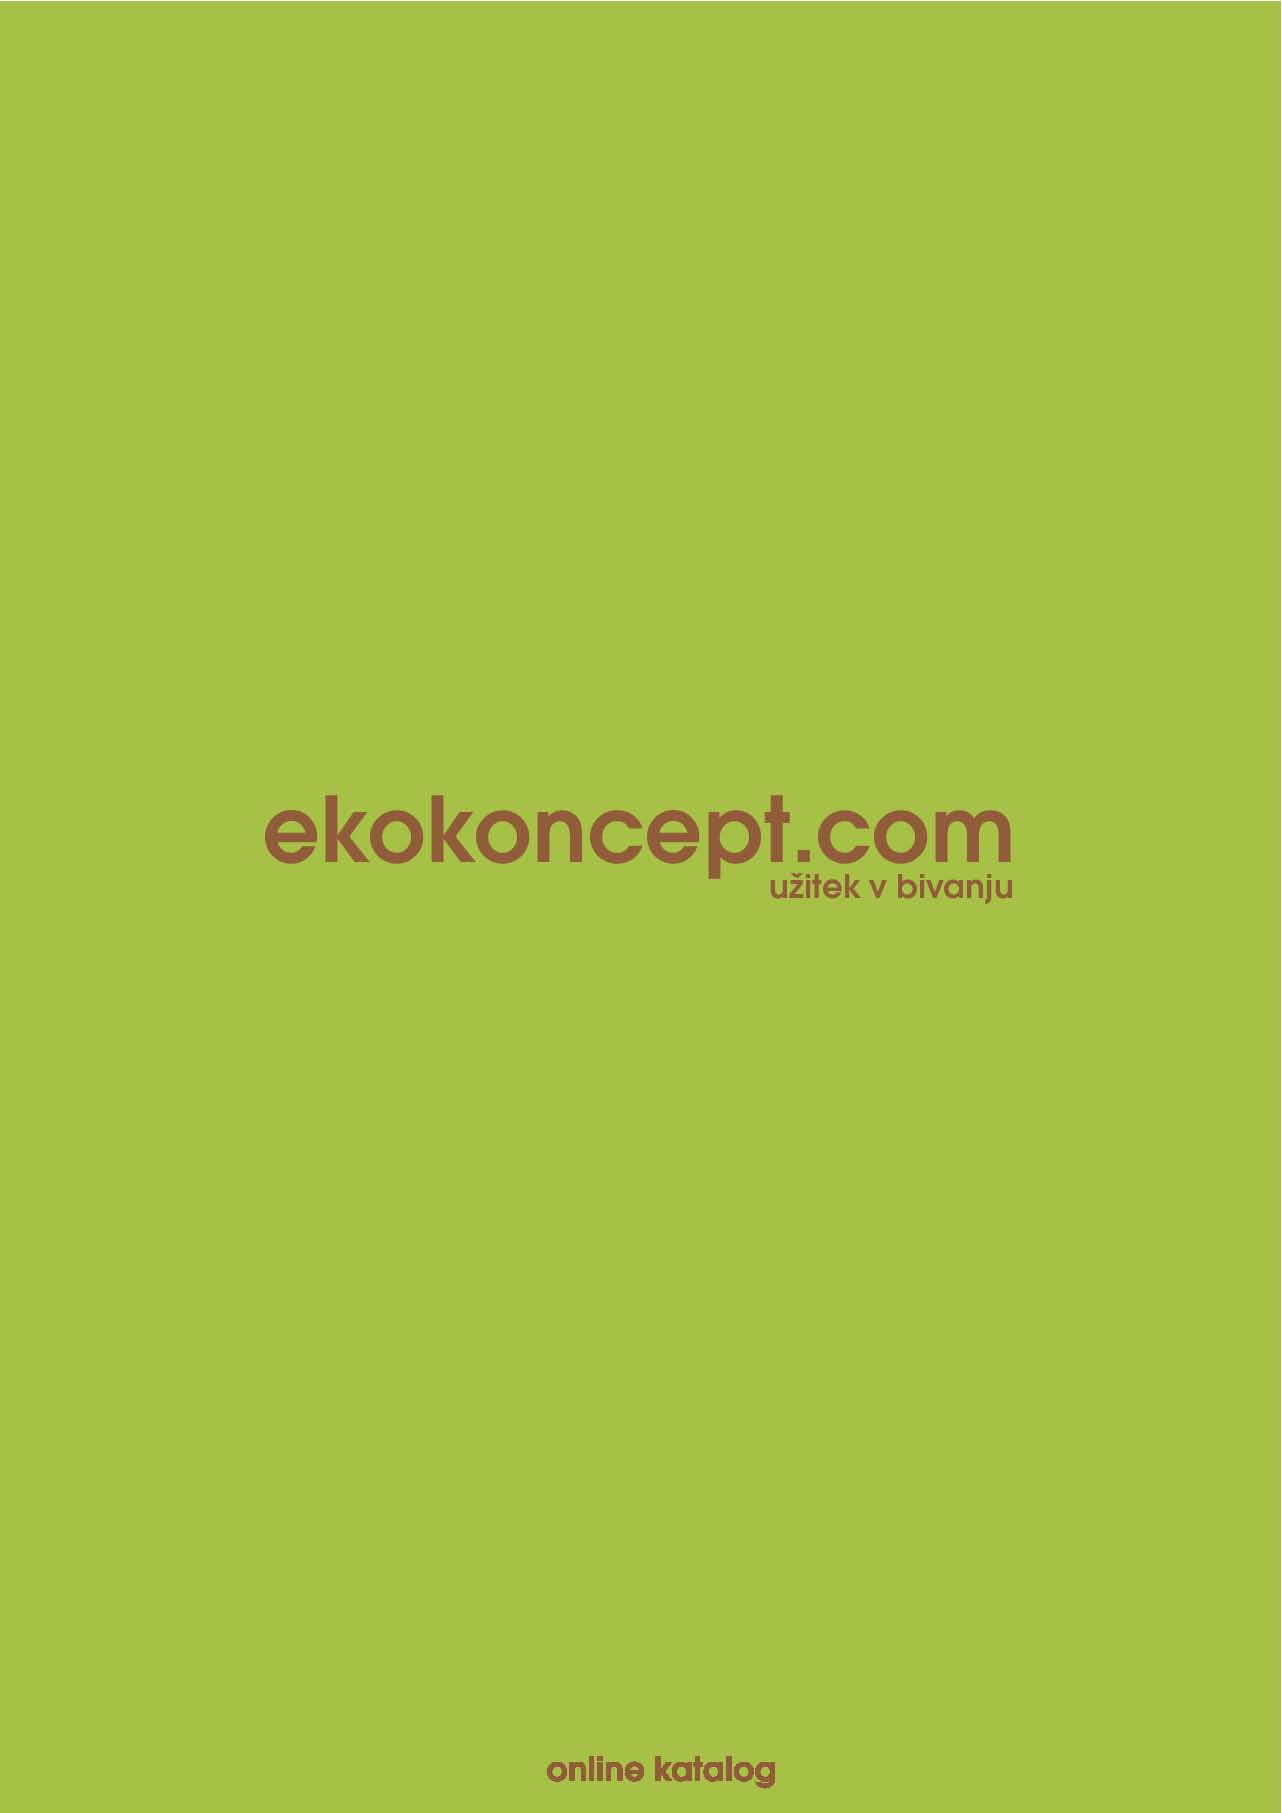 Ekokoncept - Montažne hiše